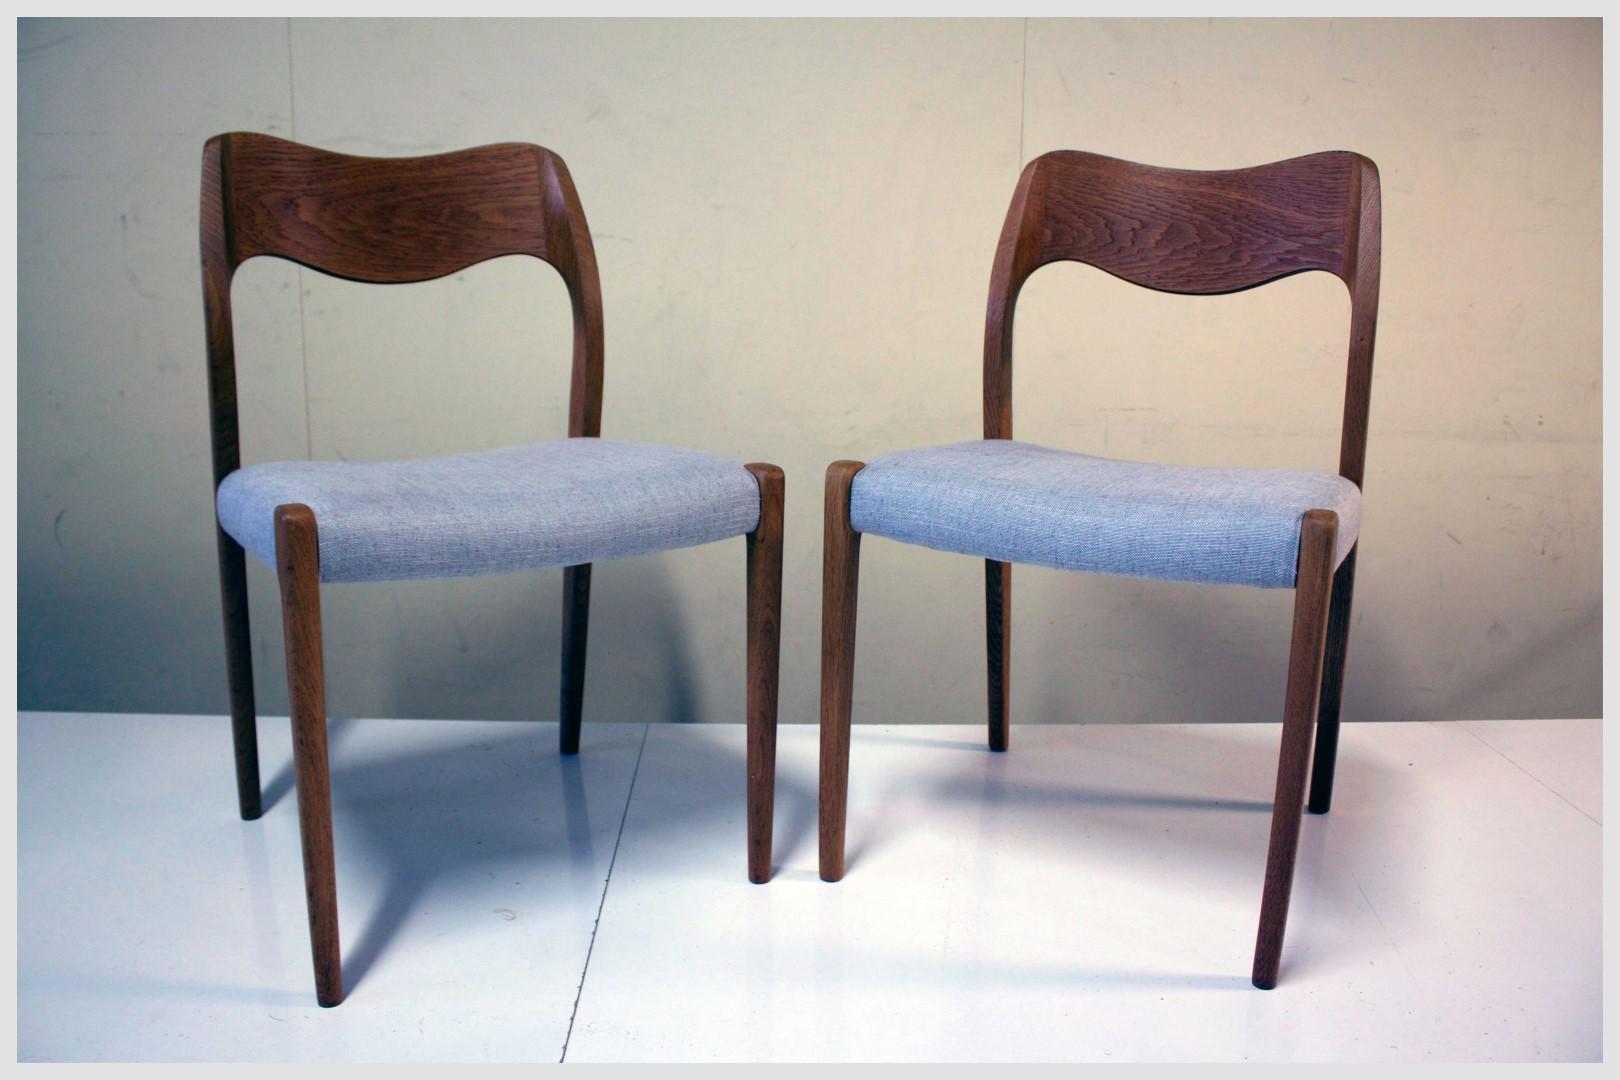 Moller #71 Oak Chairs